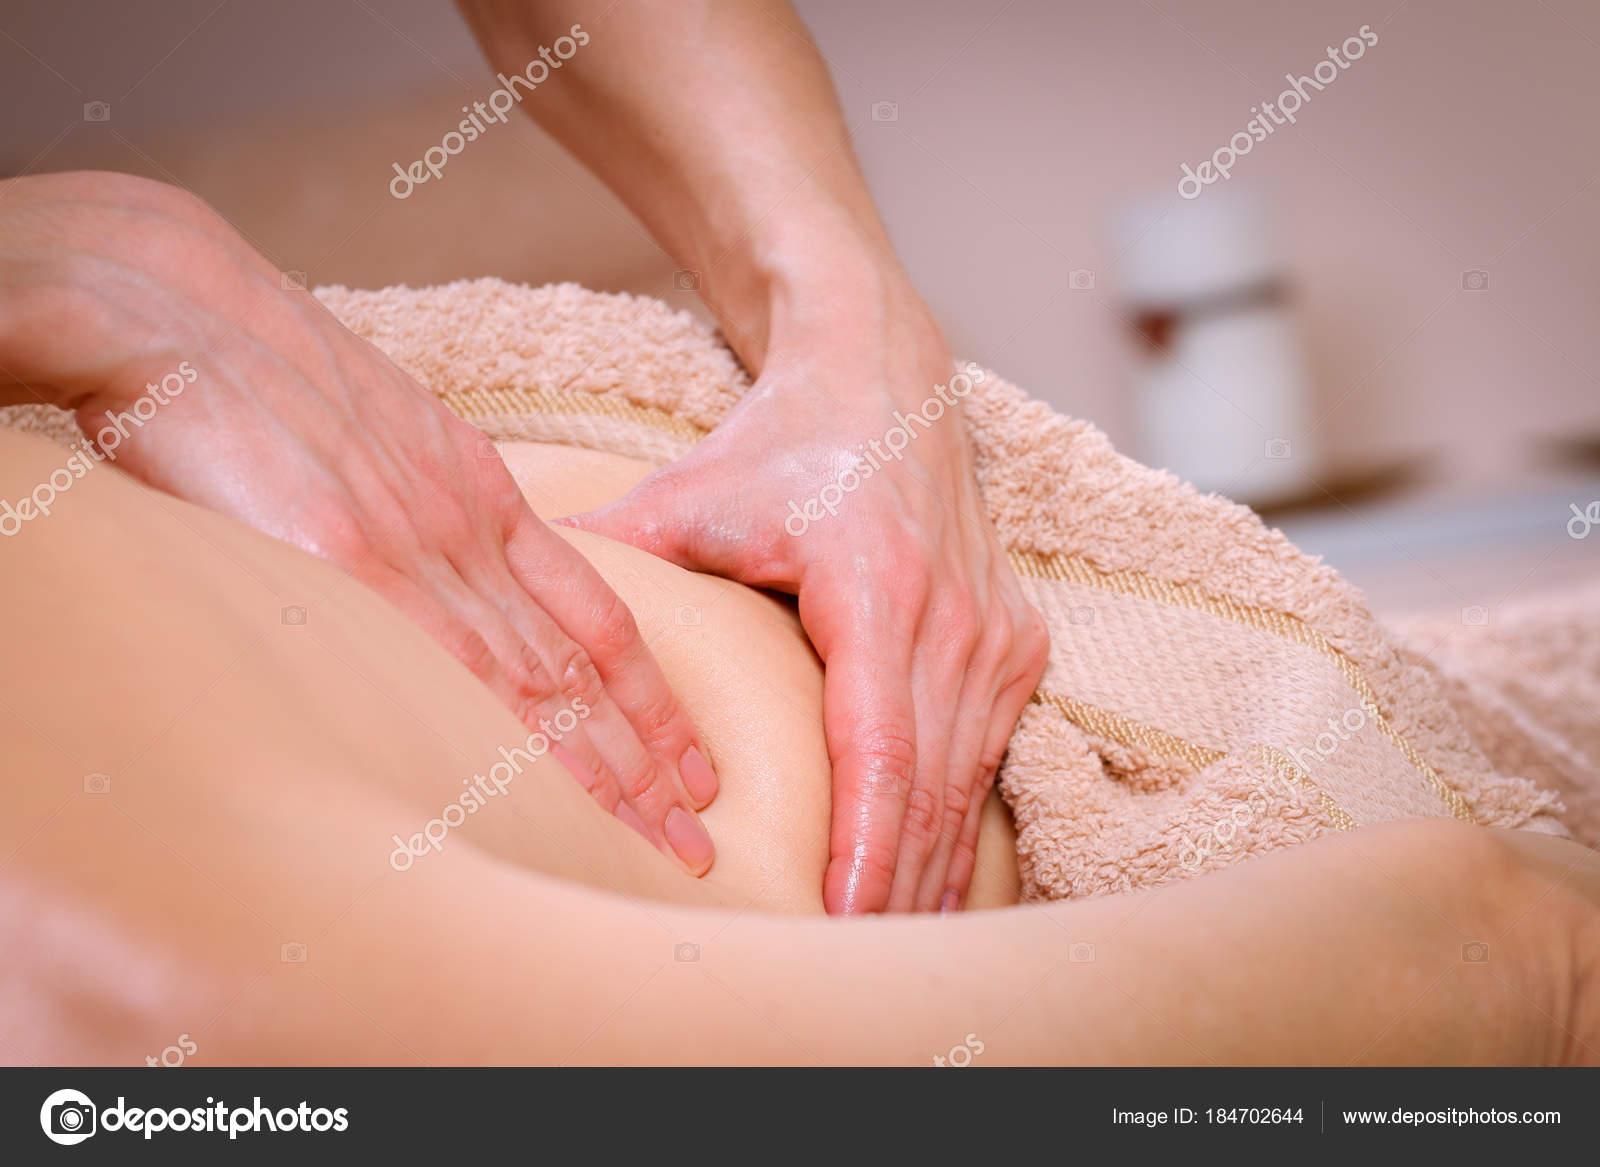 Сделал масаж и трахнул, Порно Массаж -видео. Смотреть порно онлайн! 18 фотография